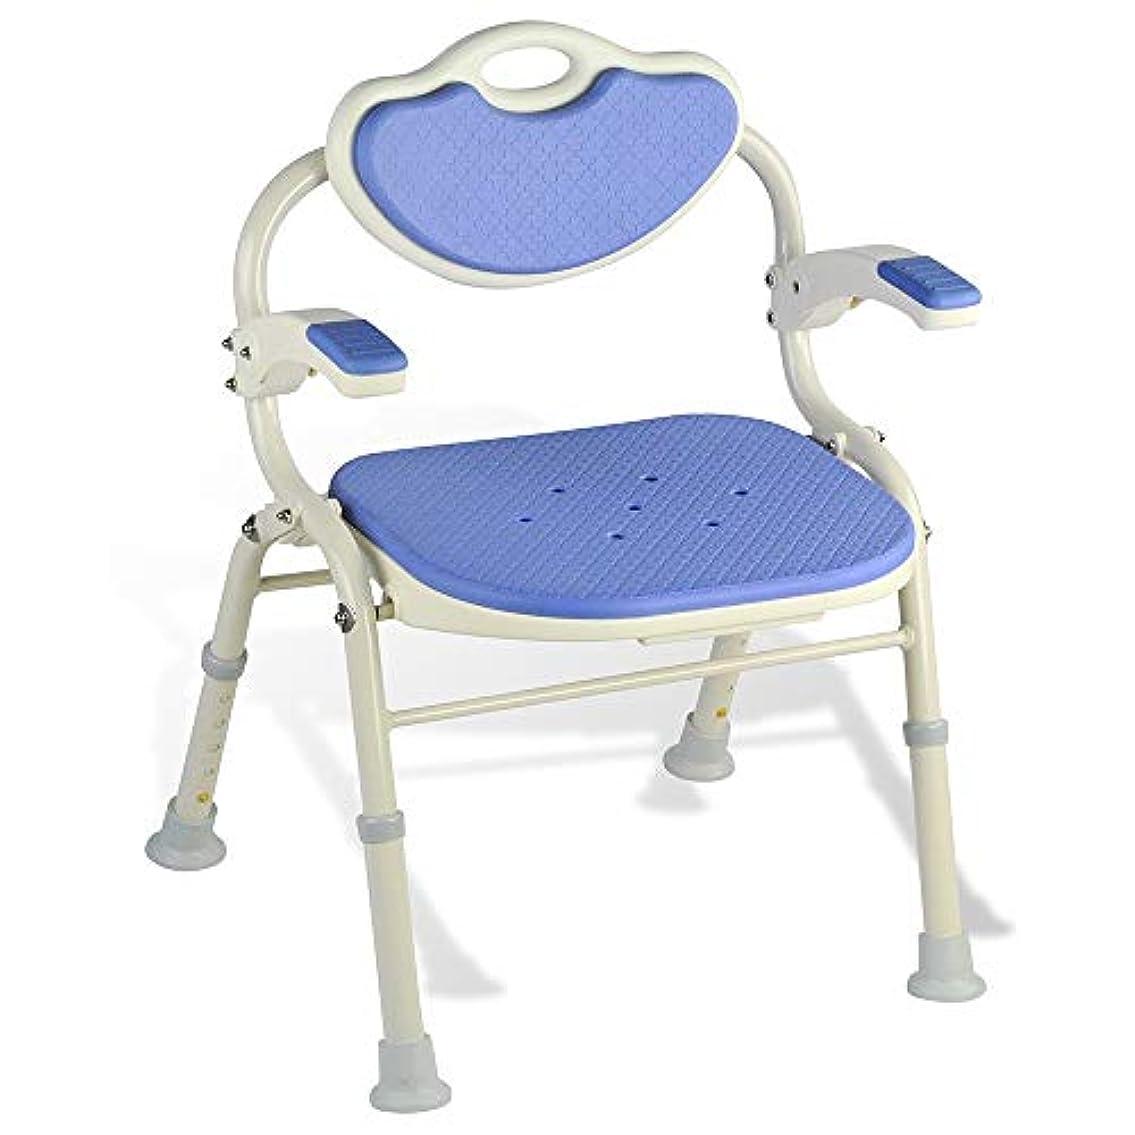 ドーム抜粋バッチ折り畳み式の入浴椅子、背もたれスツールの高さ回転可能な手すりと滑り止めフットパッドシャワースツール付きの調節可能なバススツール (Color : 青)